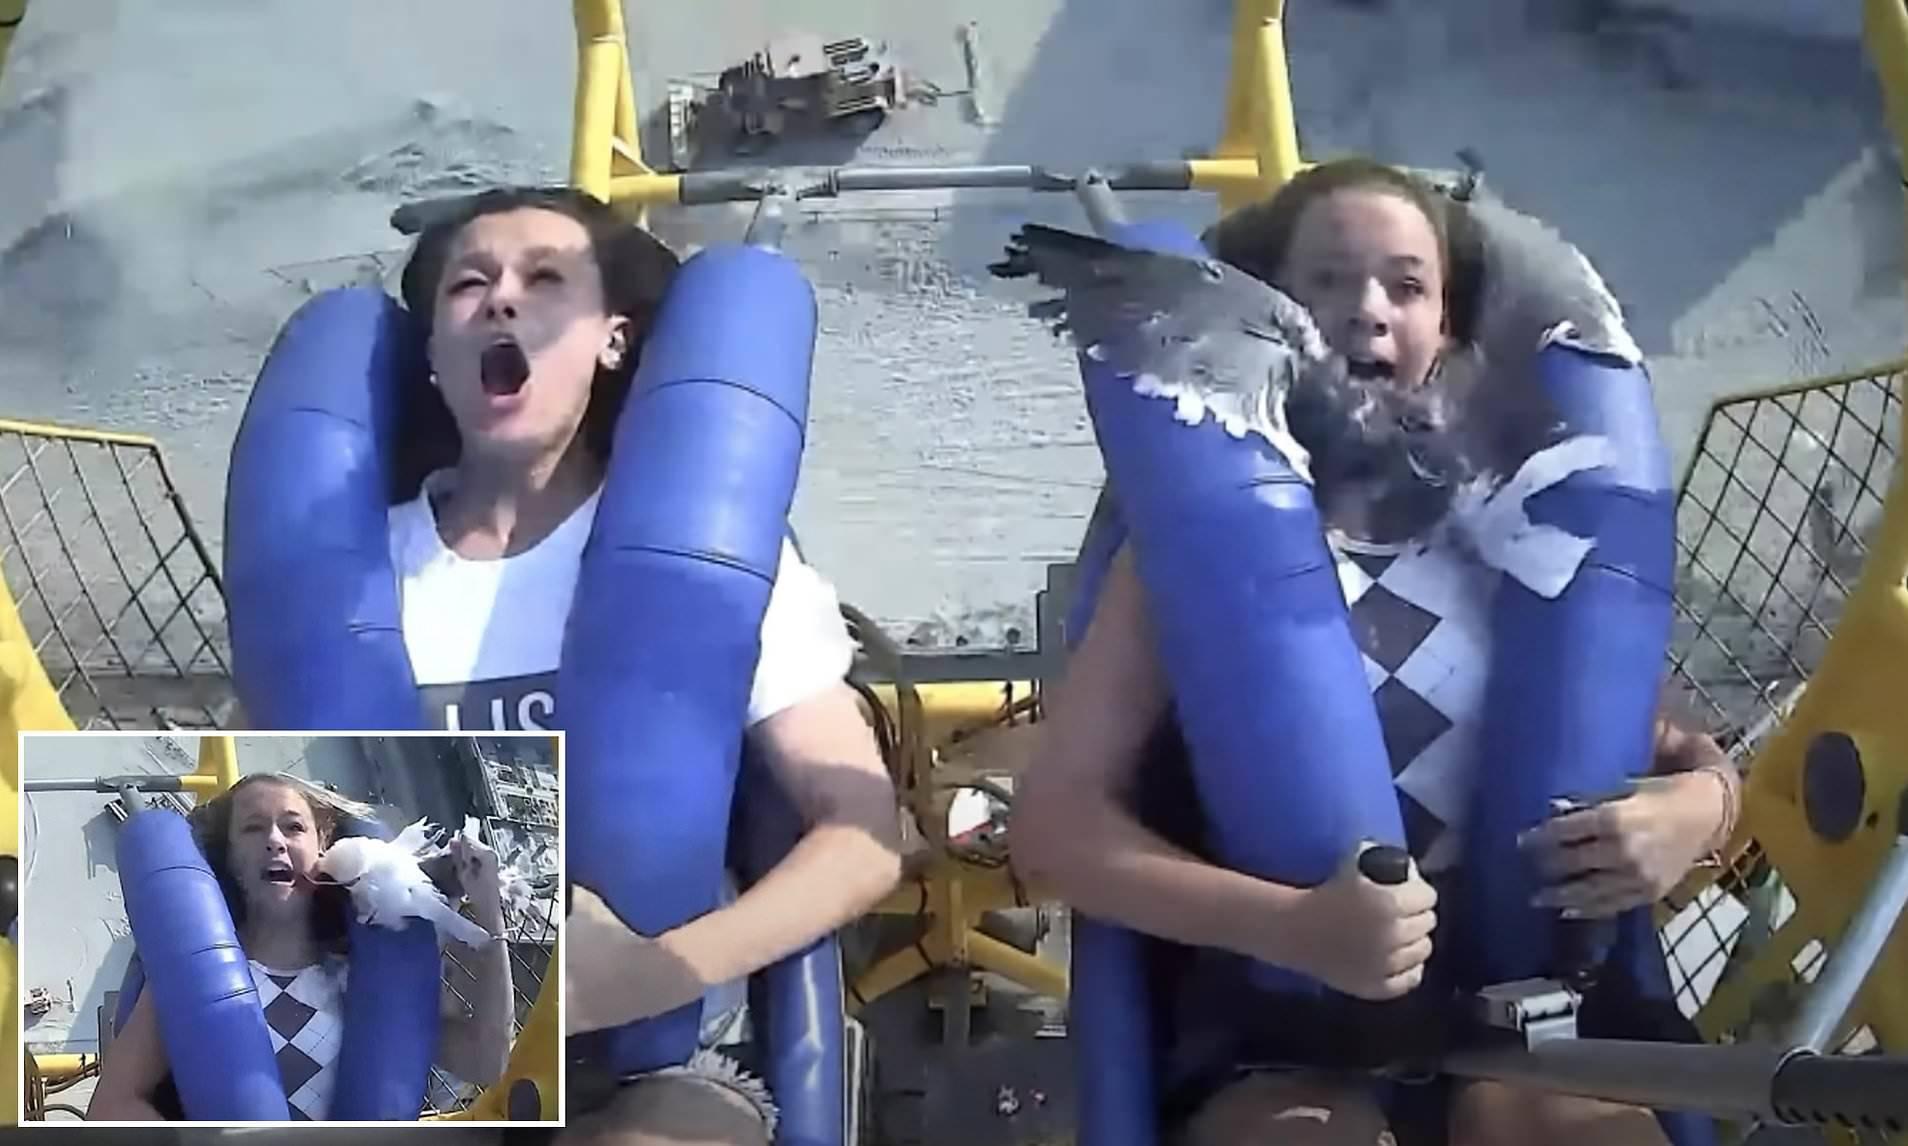 Mòng biển lao thẳng vào mặt du khách khi chơi trò cảm giác mạnh